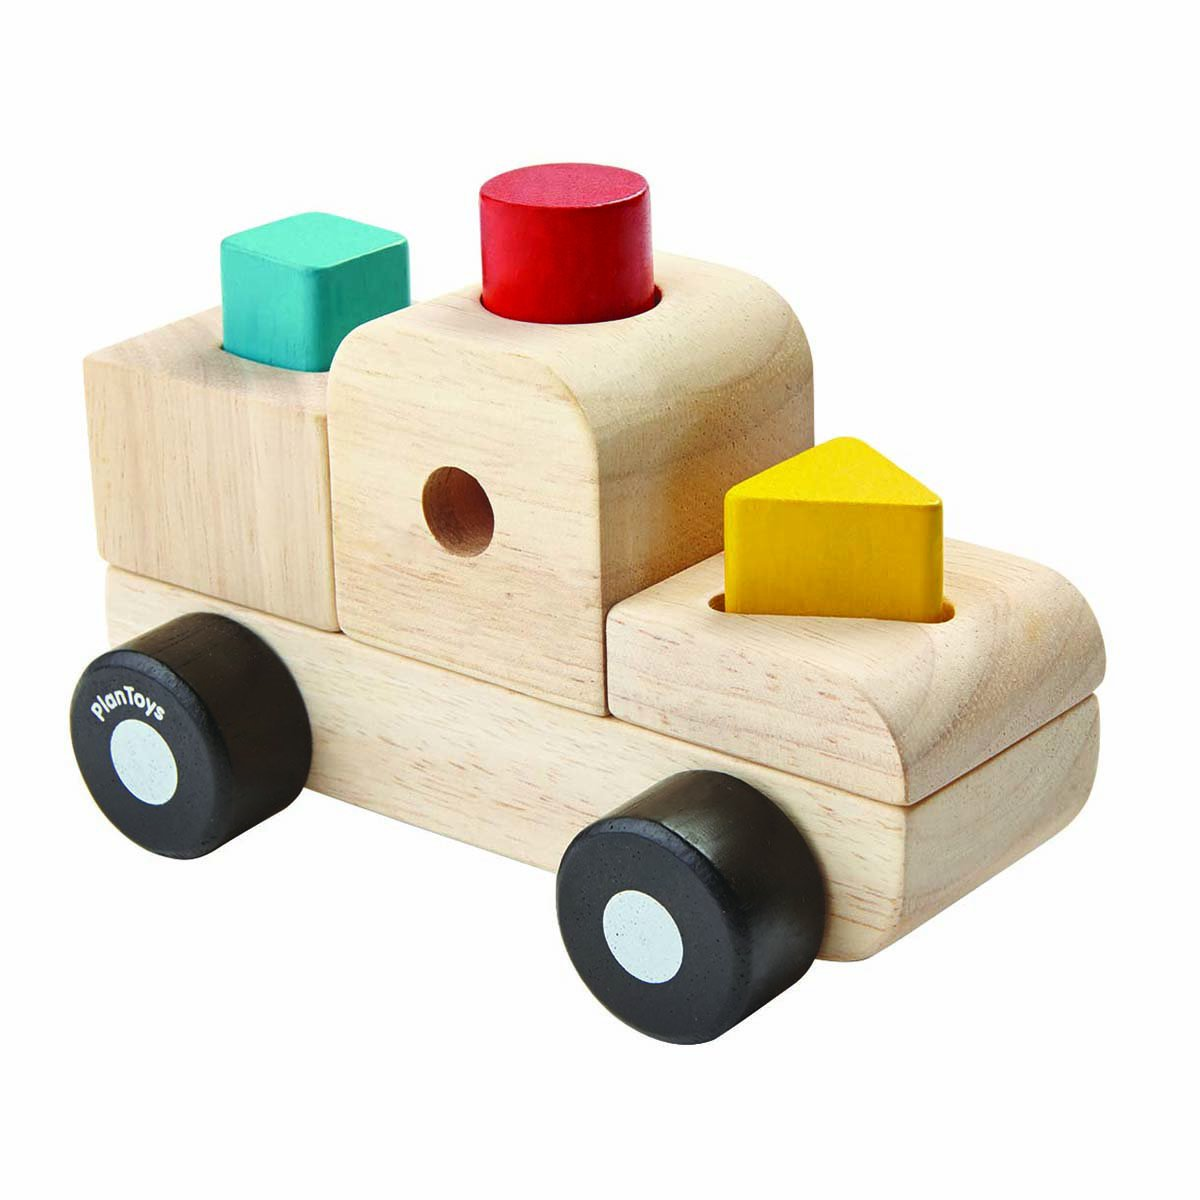 PlanToys Camion encajable 5433